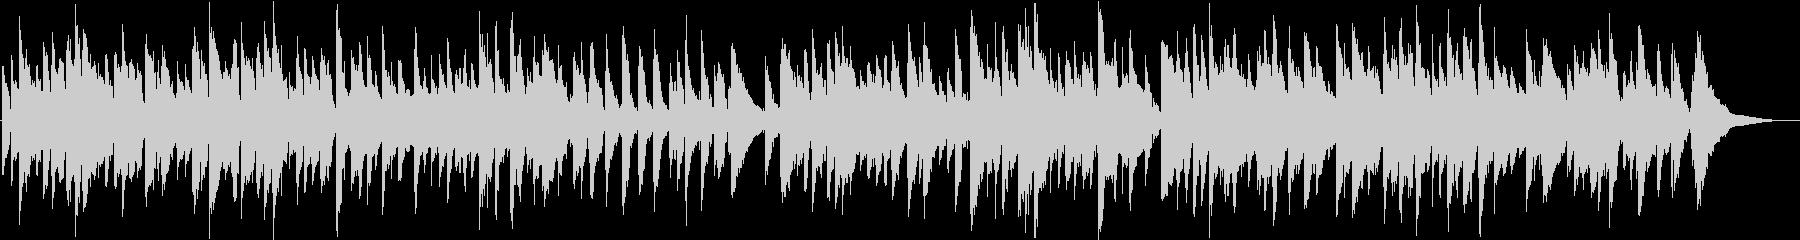 ホルスト名曲 ジュピター カバーアレンジの未再生の波形